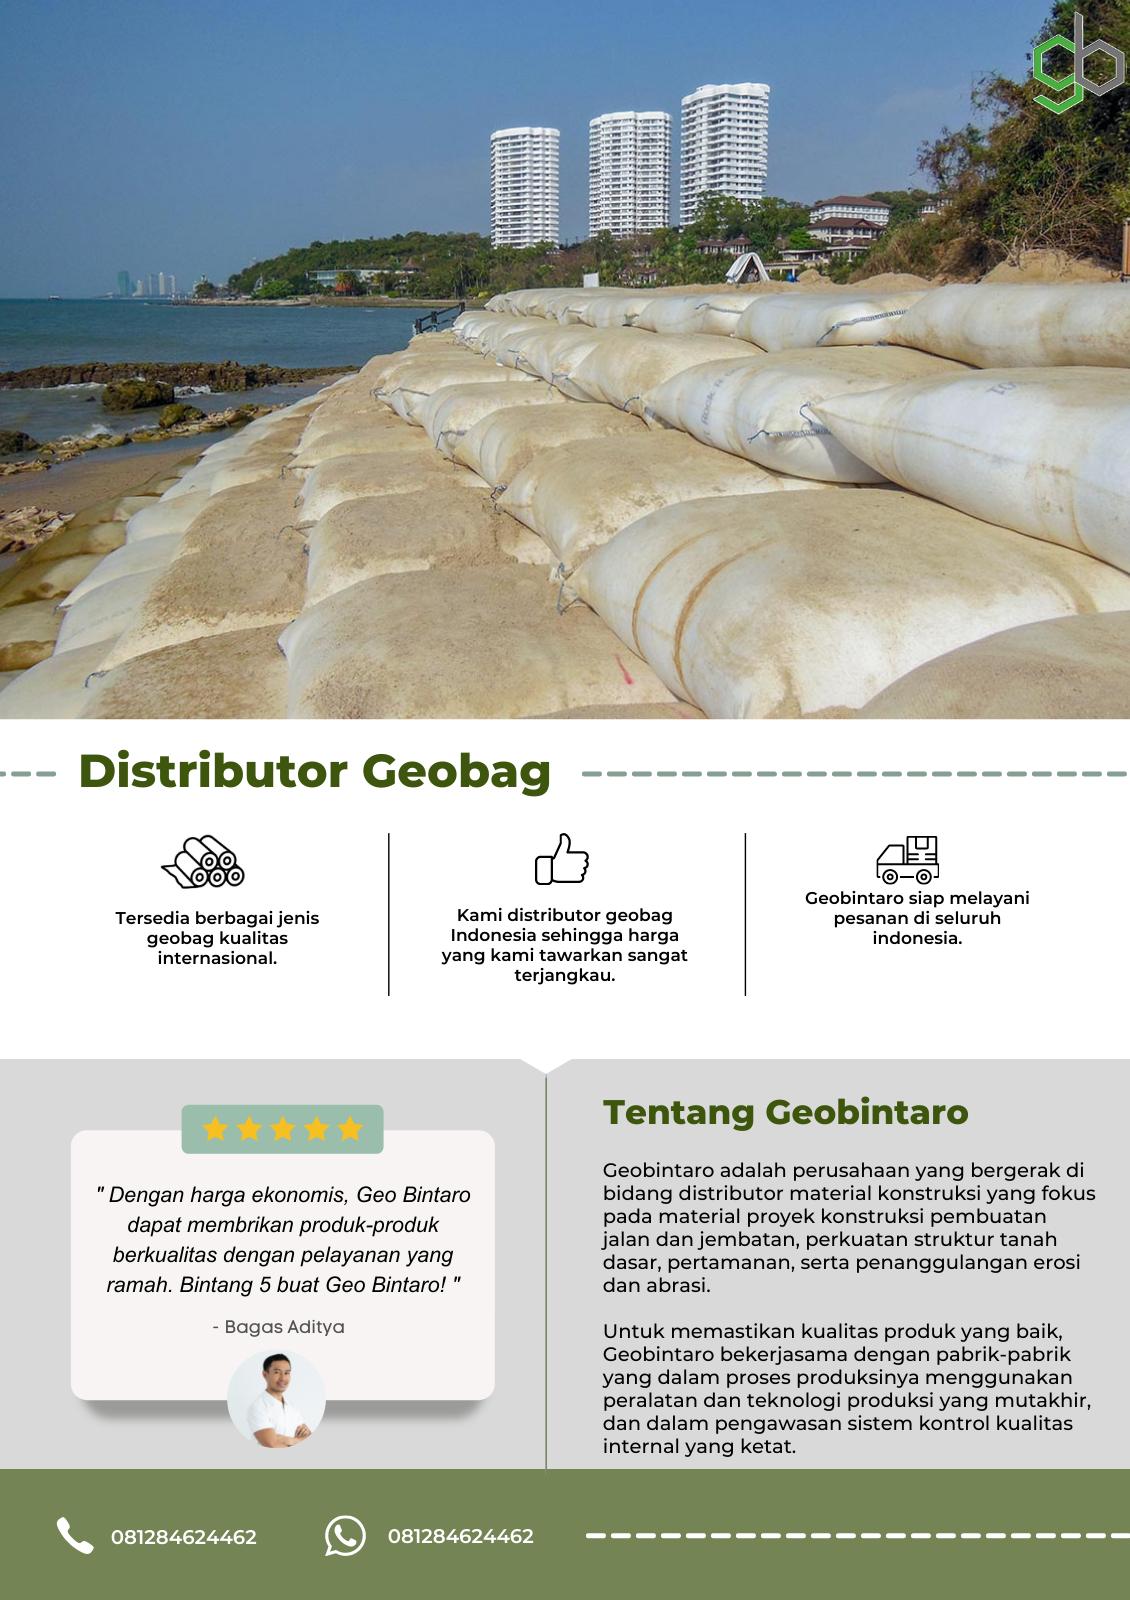 Distributor Geobag